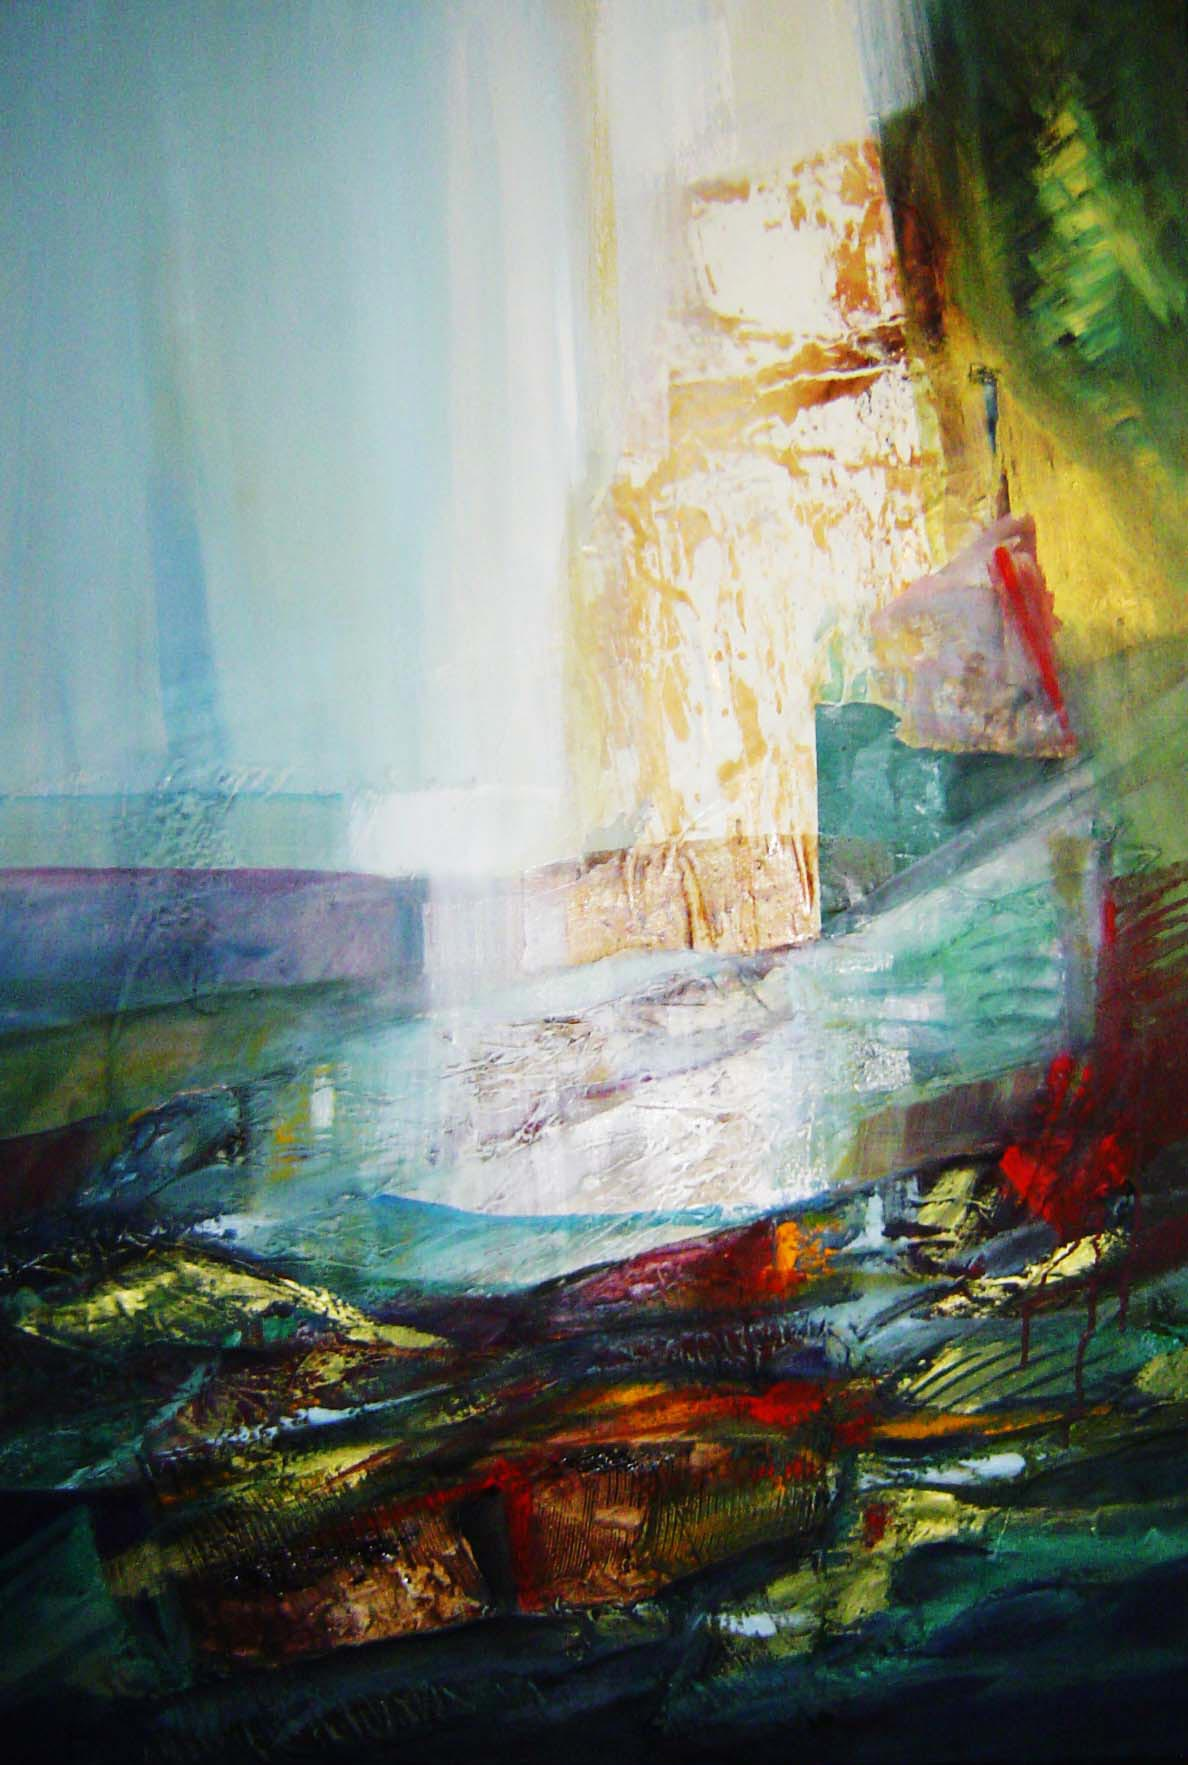 Le acque della memoria - Franco Margari - Pittura